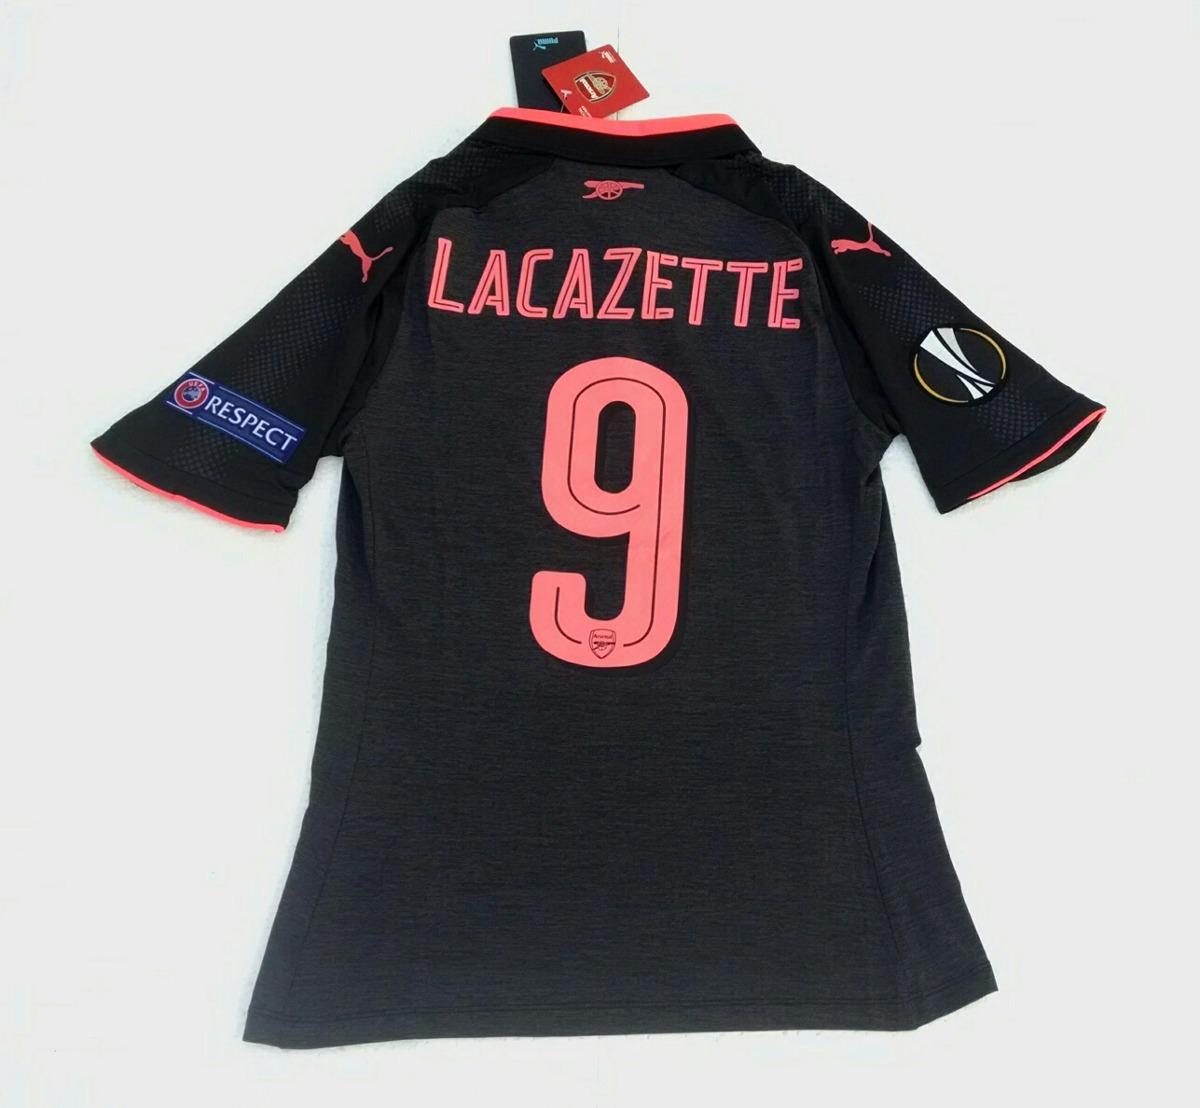 3df46e4db32af Camisa Arsenal Away 17/18 - Jogador - R$ 150,00 em Mercado Livre